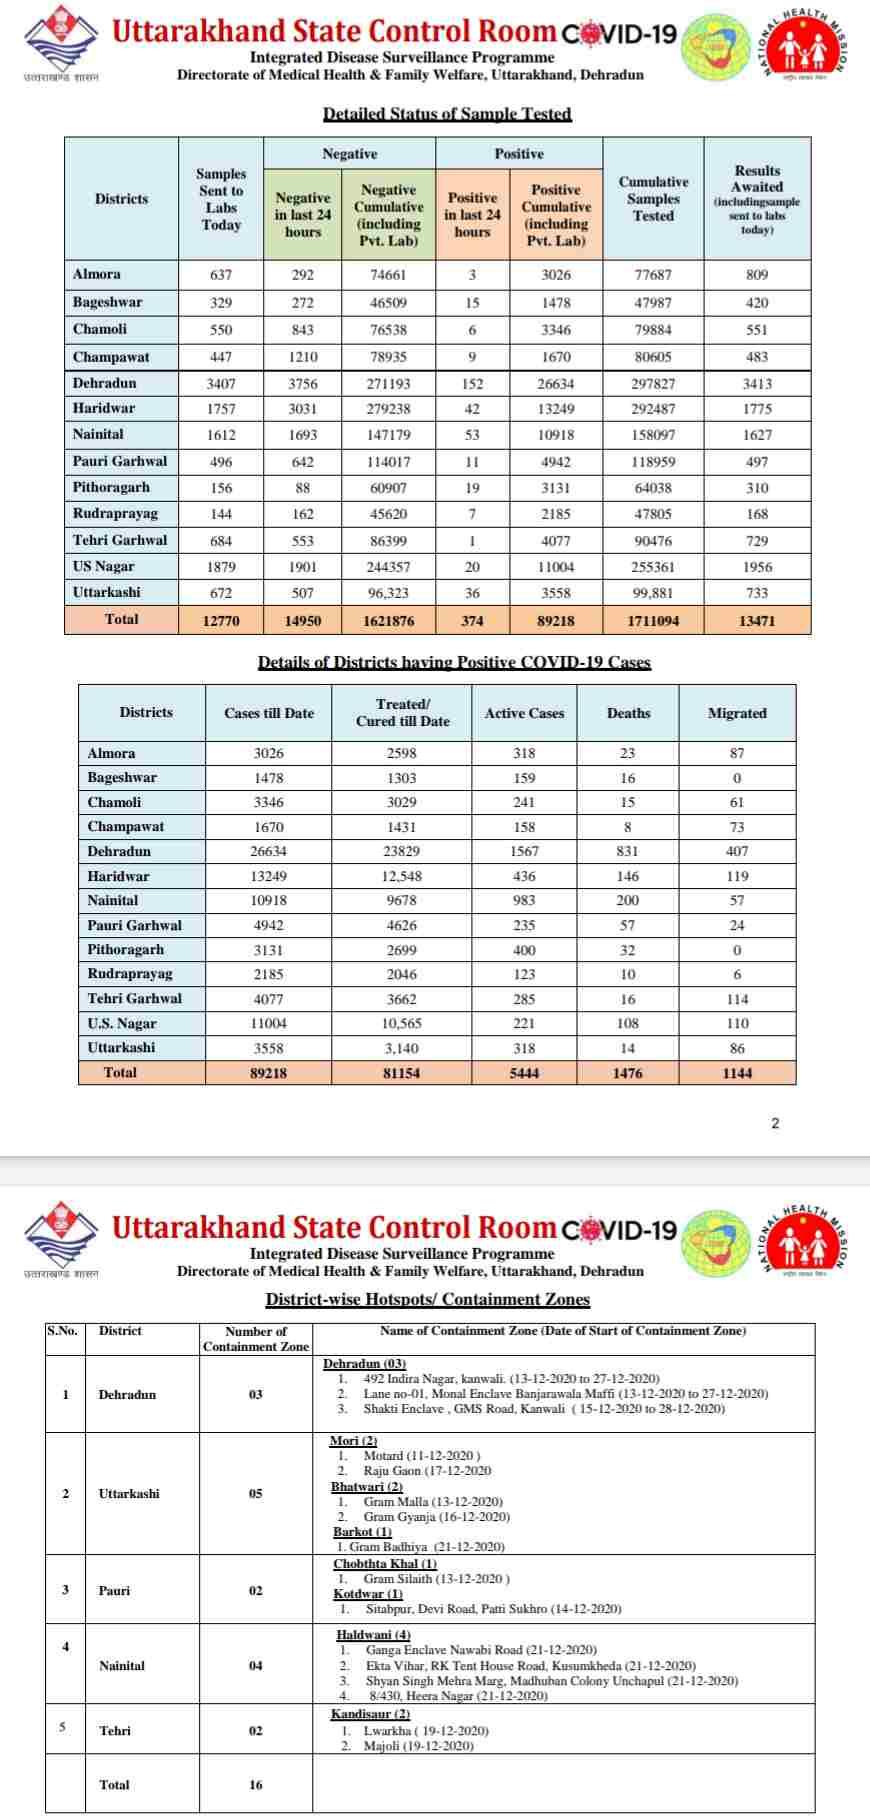 कोरोना बुलेटिन: उत्तराखंड में आज 13 लोगों की मौत, 374 नए कोविड-19 मरीज़, 416 हुए आज स्वास्थ्य 3